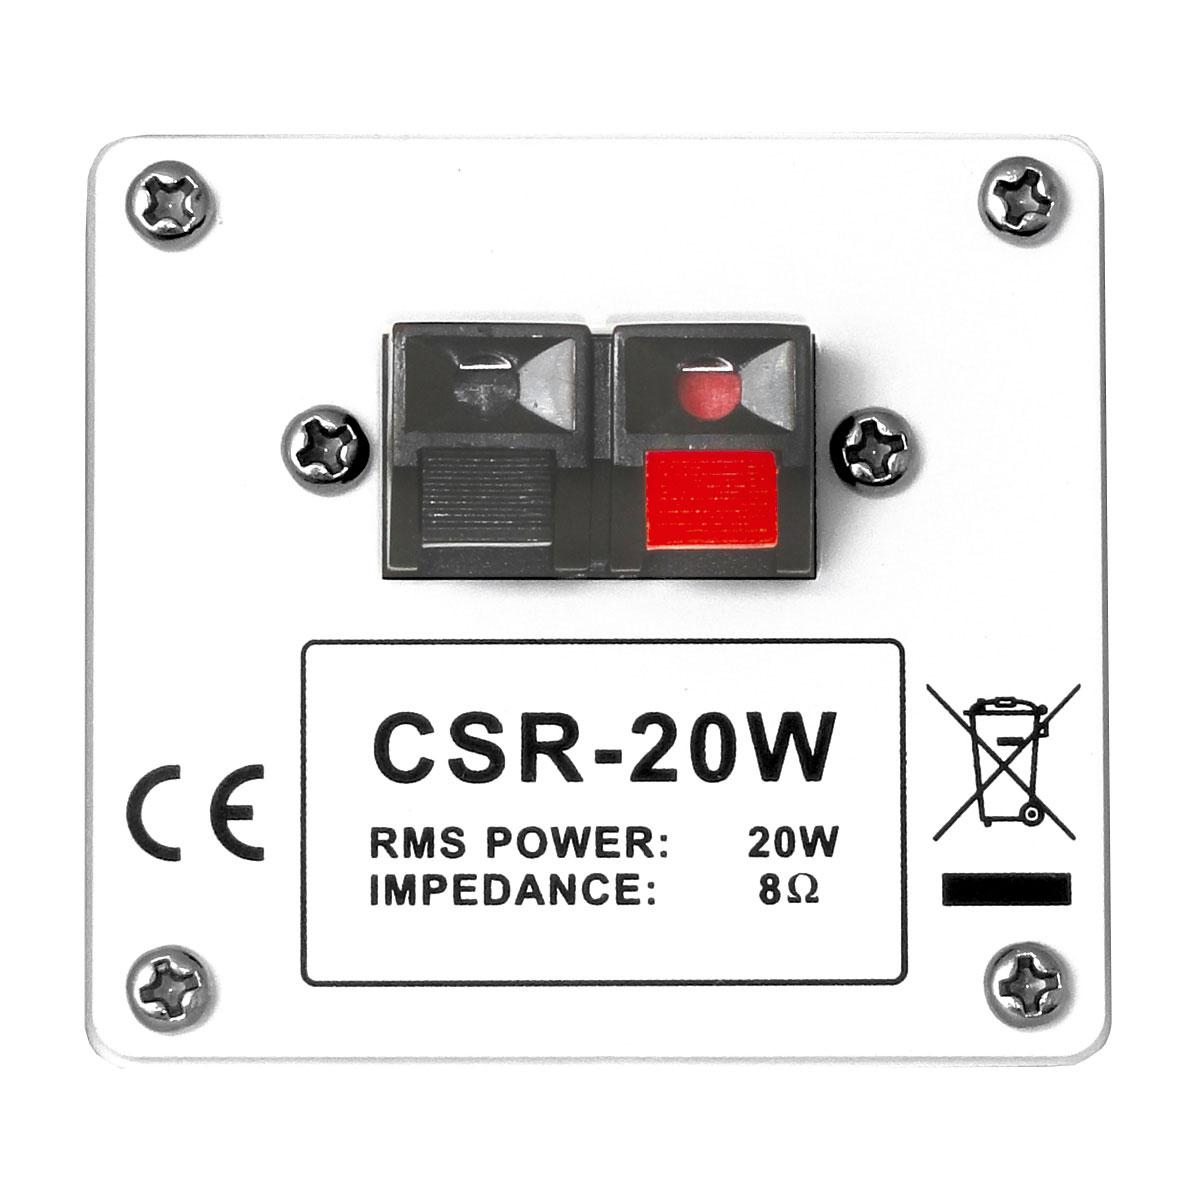 CSR20W - Caixa Passiva 20W Branca c/ Suporte ( Par ) CSR 20 W - CSR